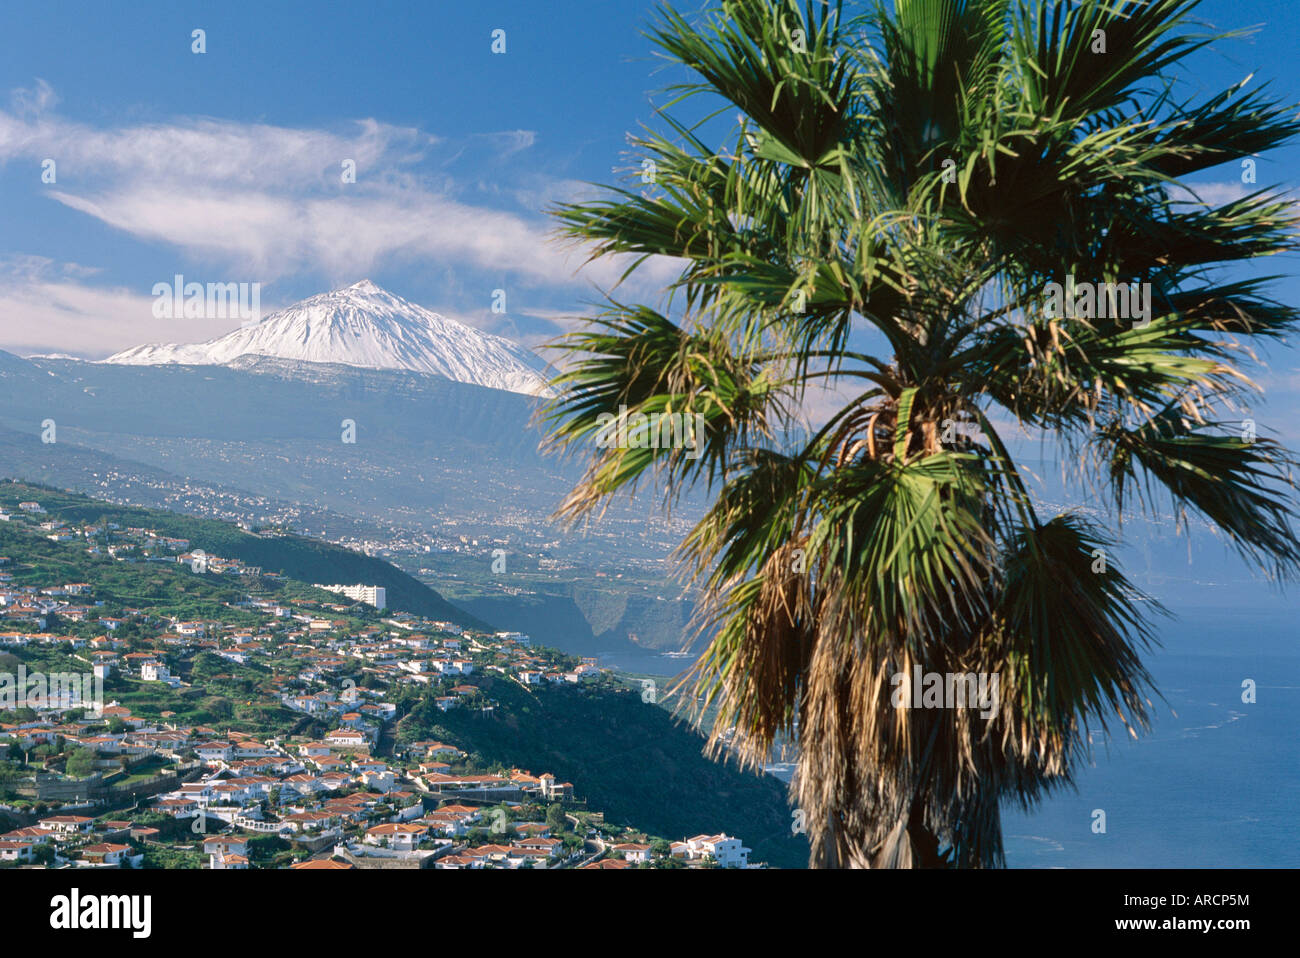 La costa norte y el monte Teide, Tenerife, Islas Canarias, Atlántico, Europa Imagen De Stock